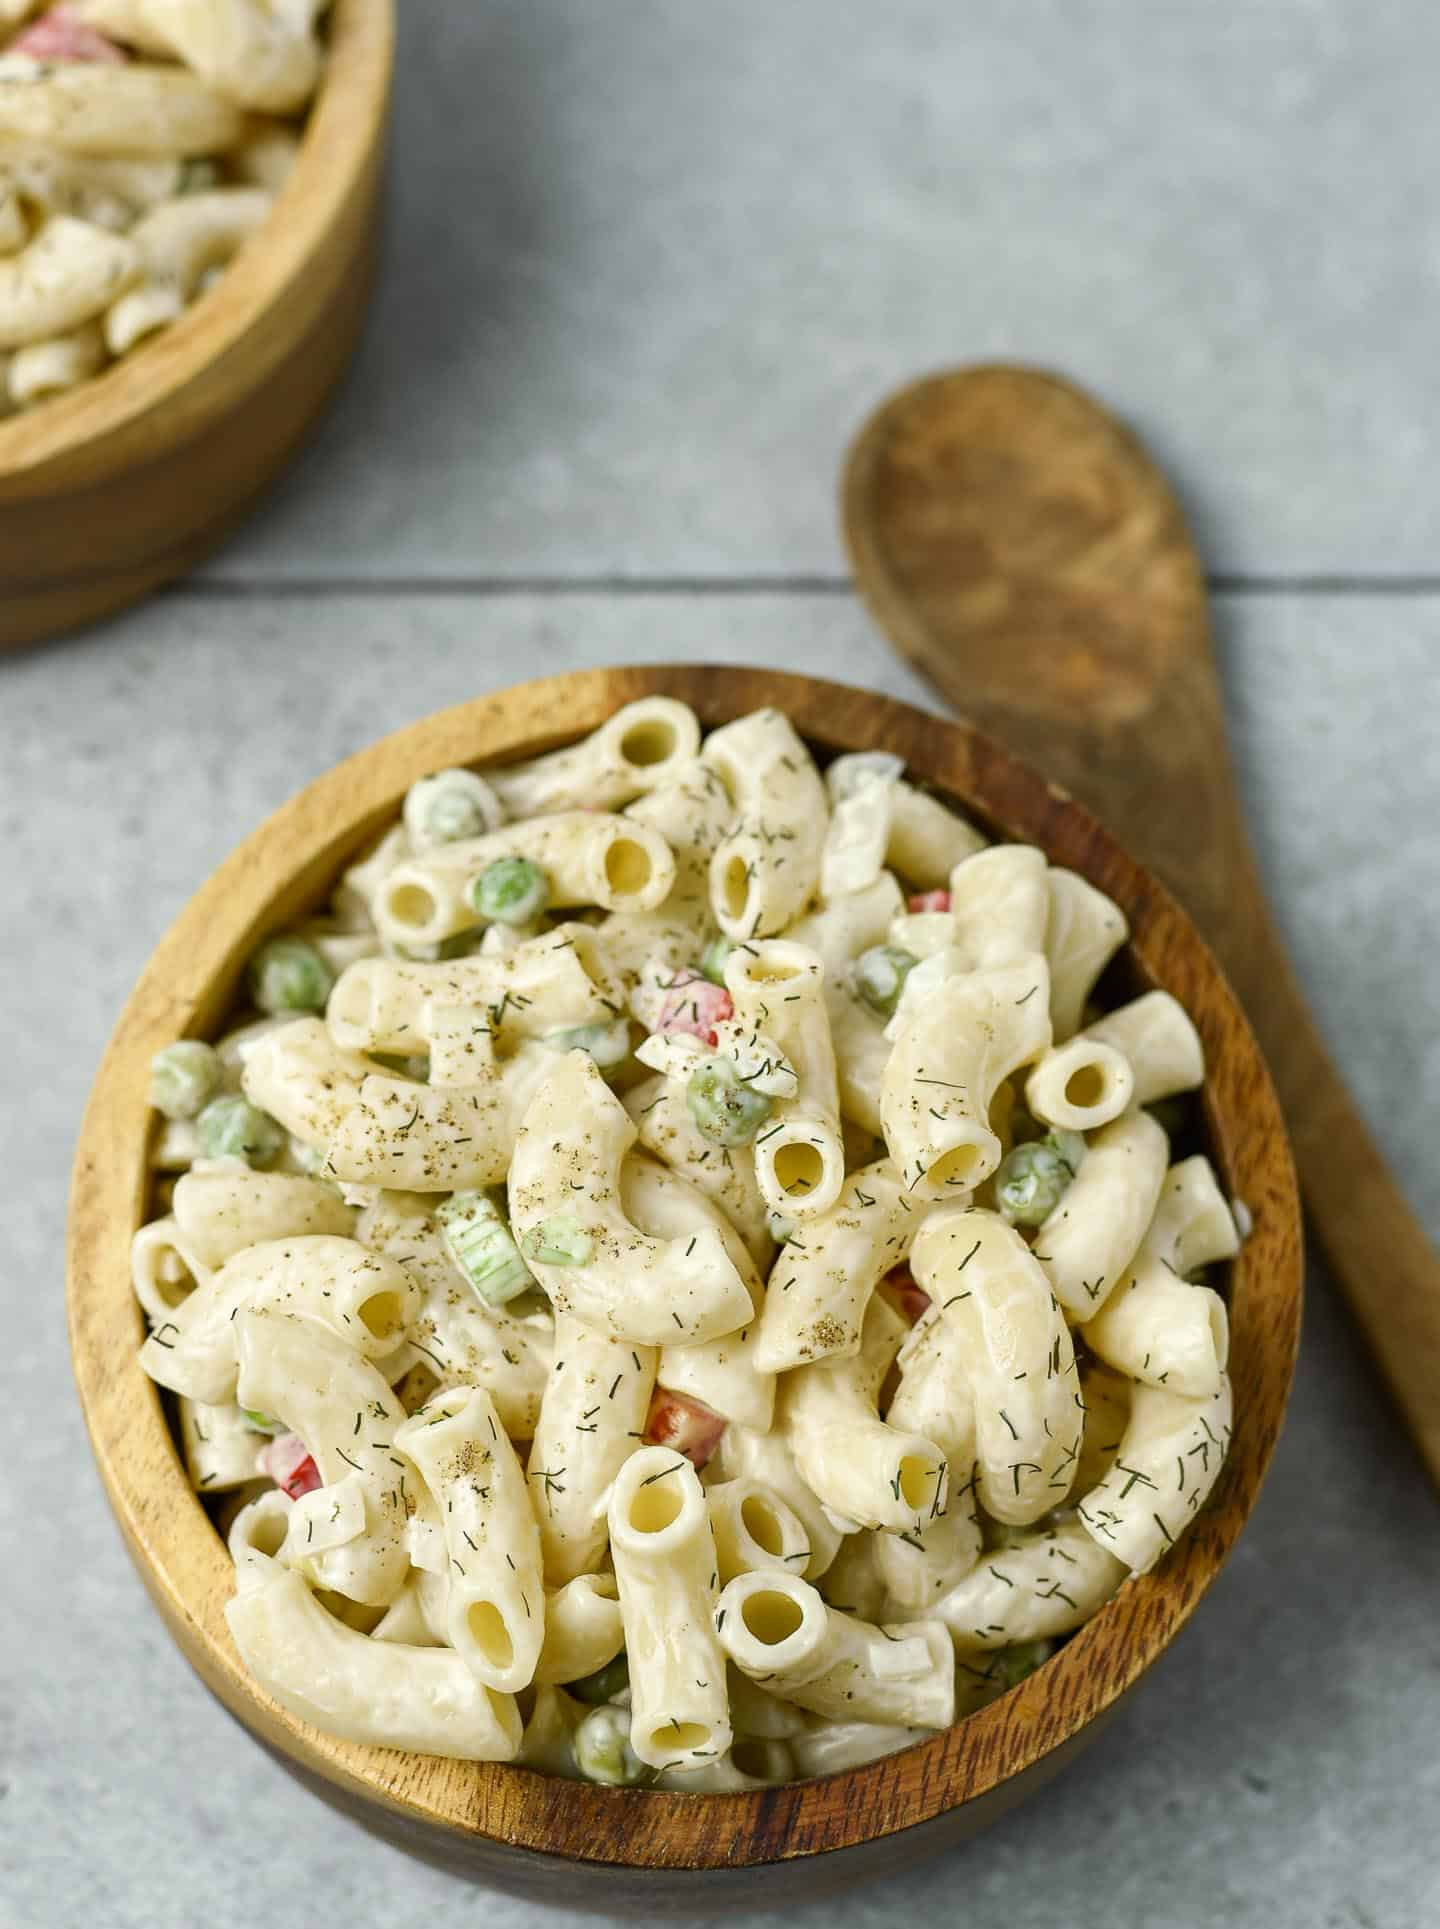 Macaroni salad in wooden bowl.